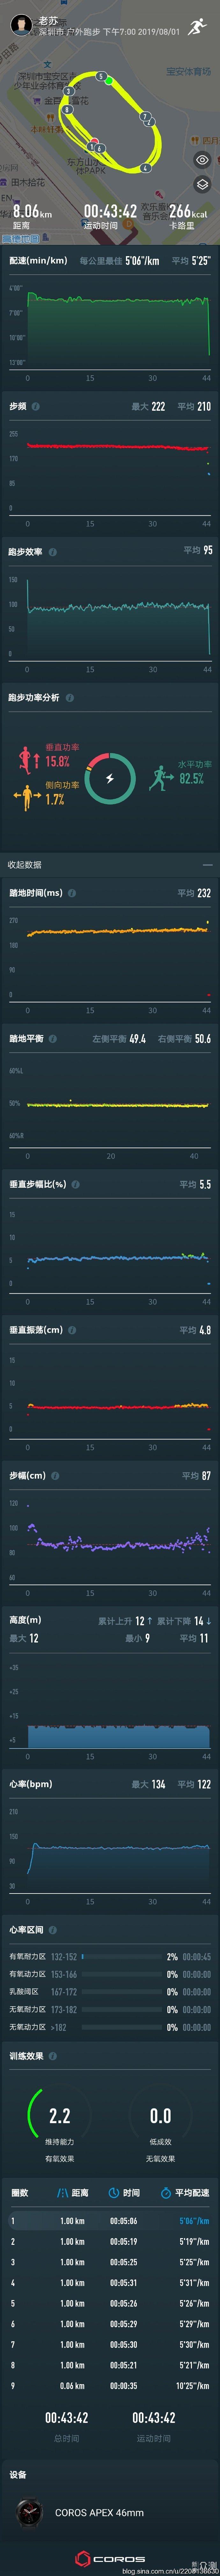 高驰跑步豆POD使用方法及数据分析_新浪众测